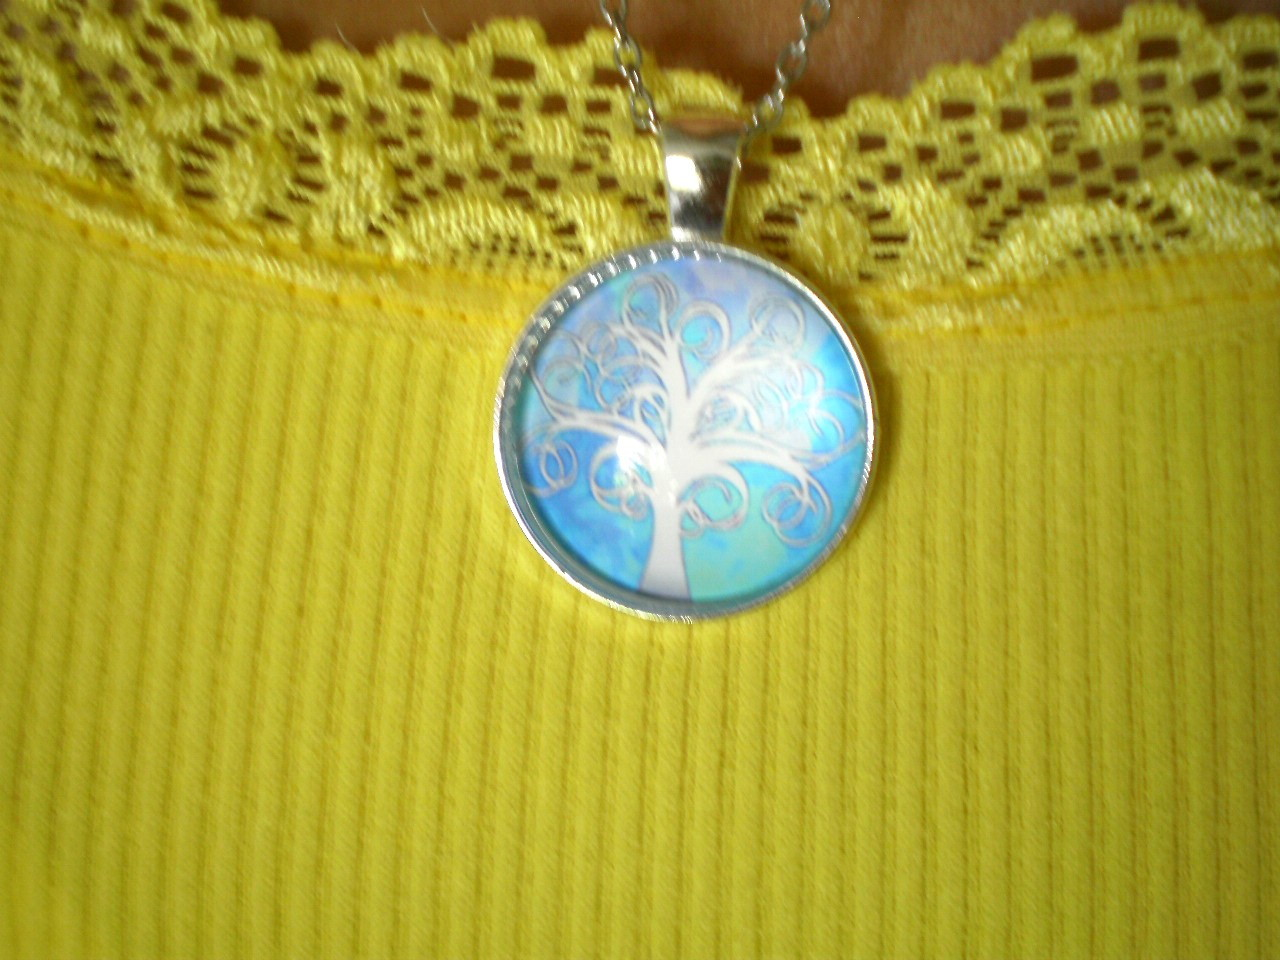 f4925bbc4ff Colar Mandala Árvore da Vida Branca Fundo Azul Céu Star no Elo7 ...